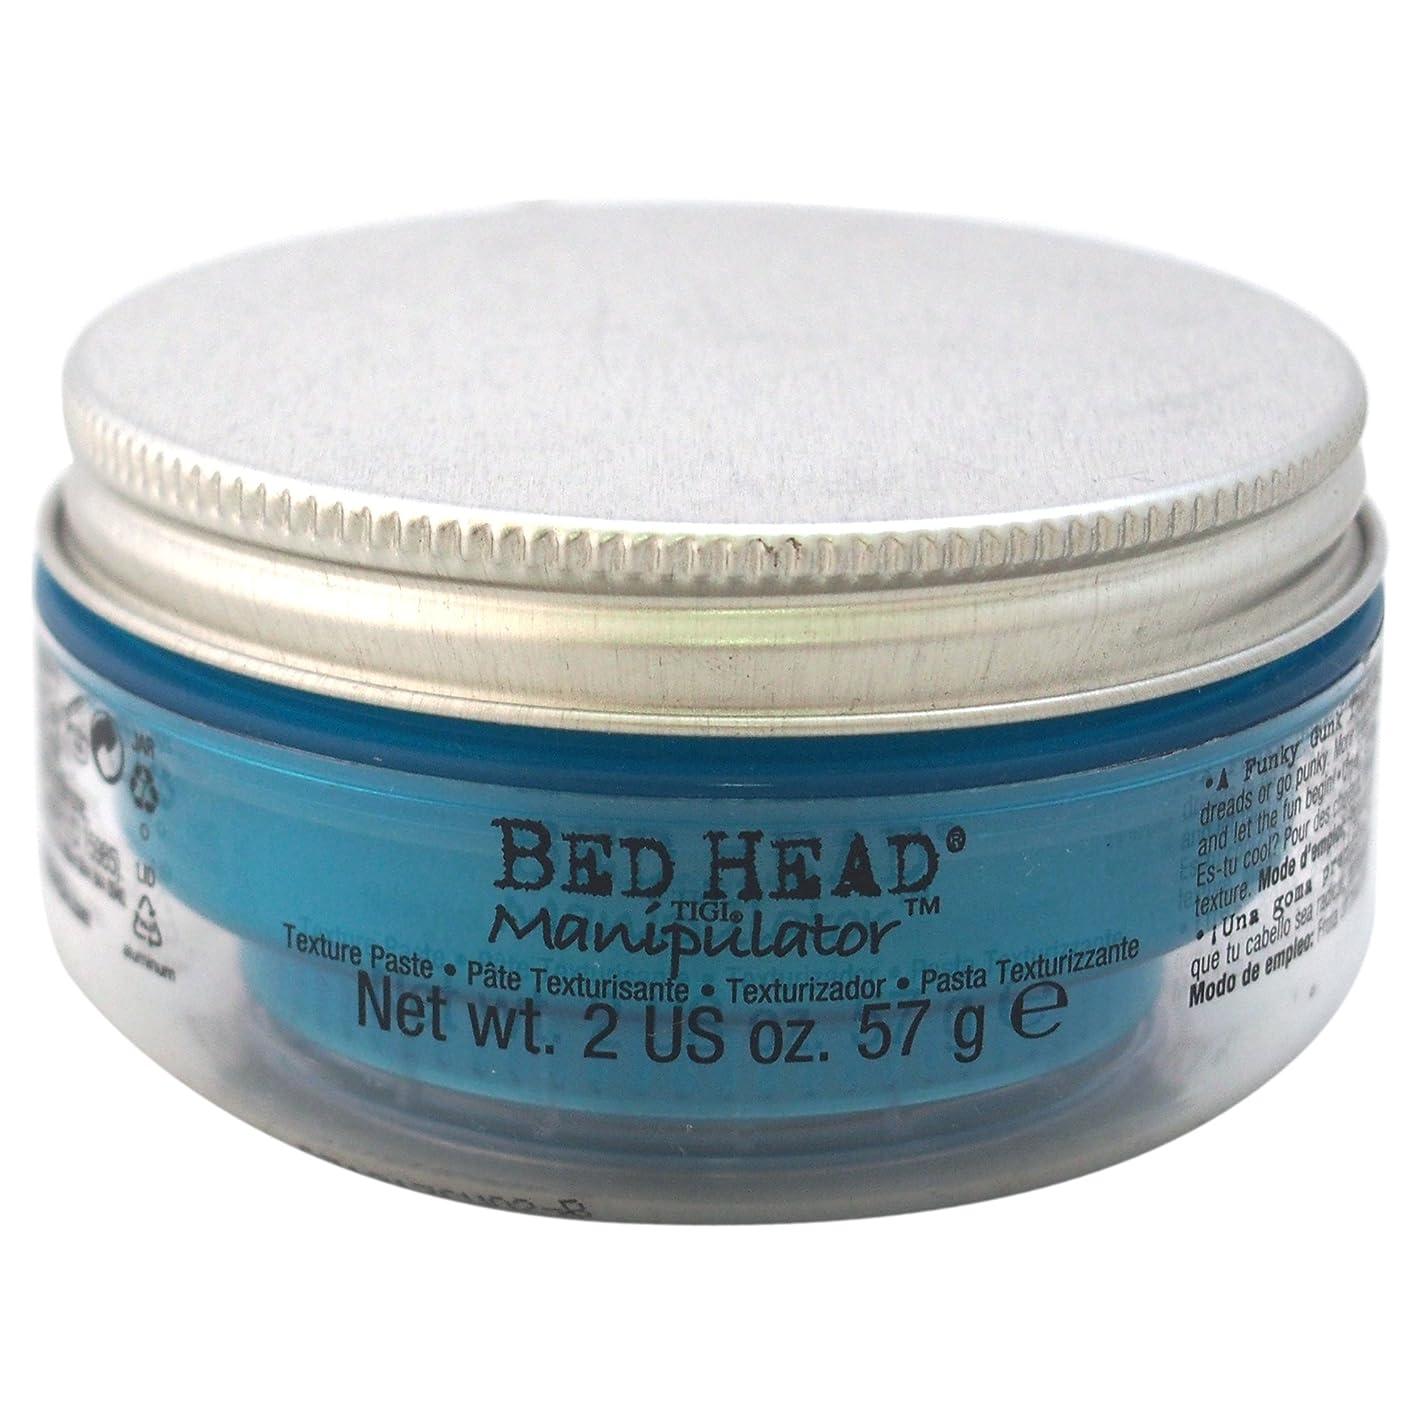 木材排泄物やろうティジー ベッドヘッドマニピュレーター テキシチヤ ペースト Tigi Bed Head Manipulator Texture Paste 57 ml [並行輸入品]